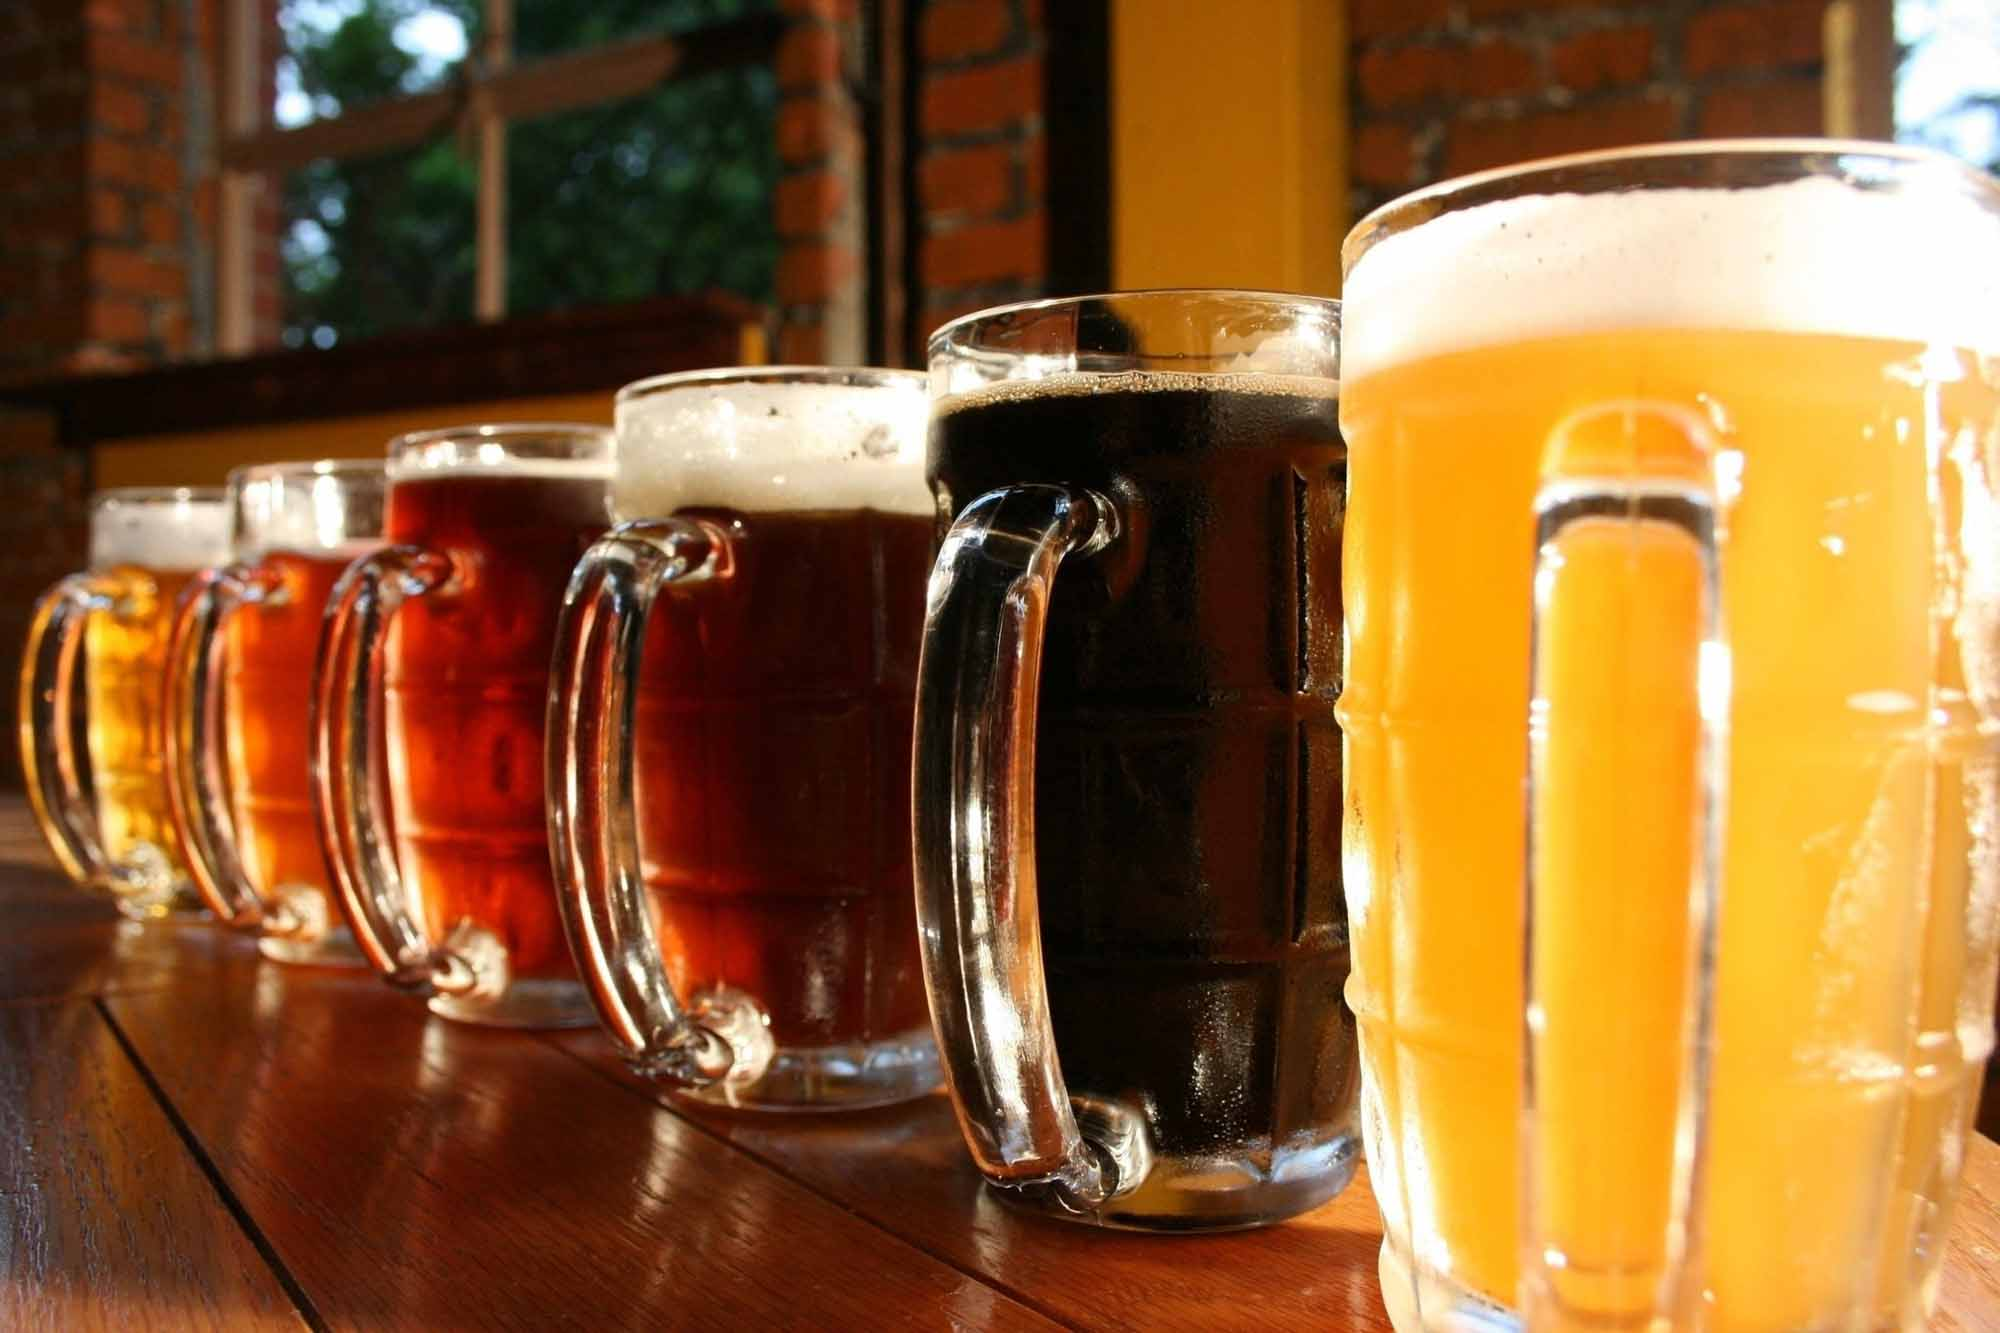 Стакан пенистого хорош - пиво предотвращает диабет и сердечный приступ